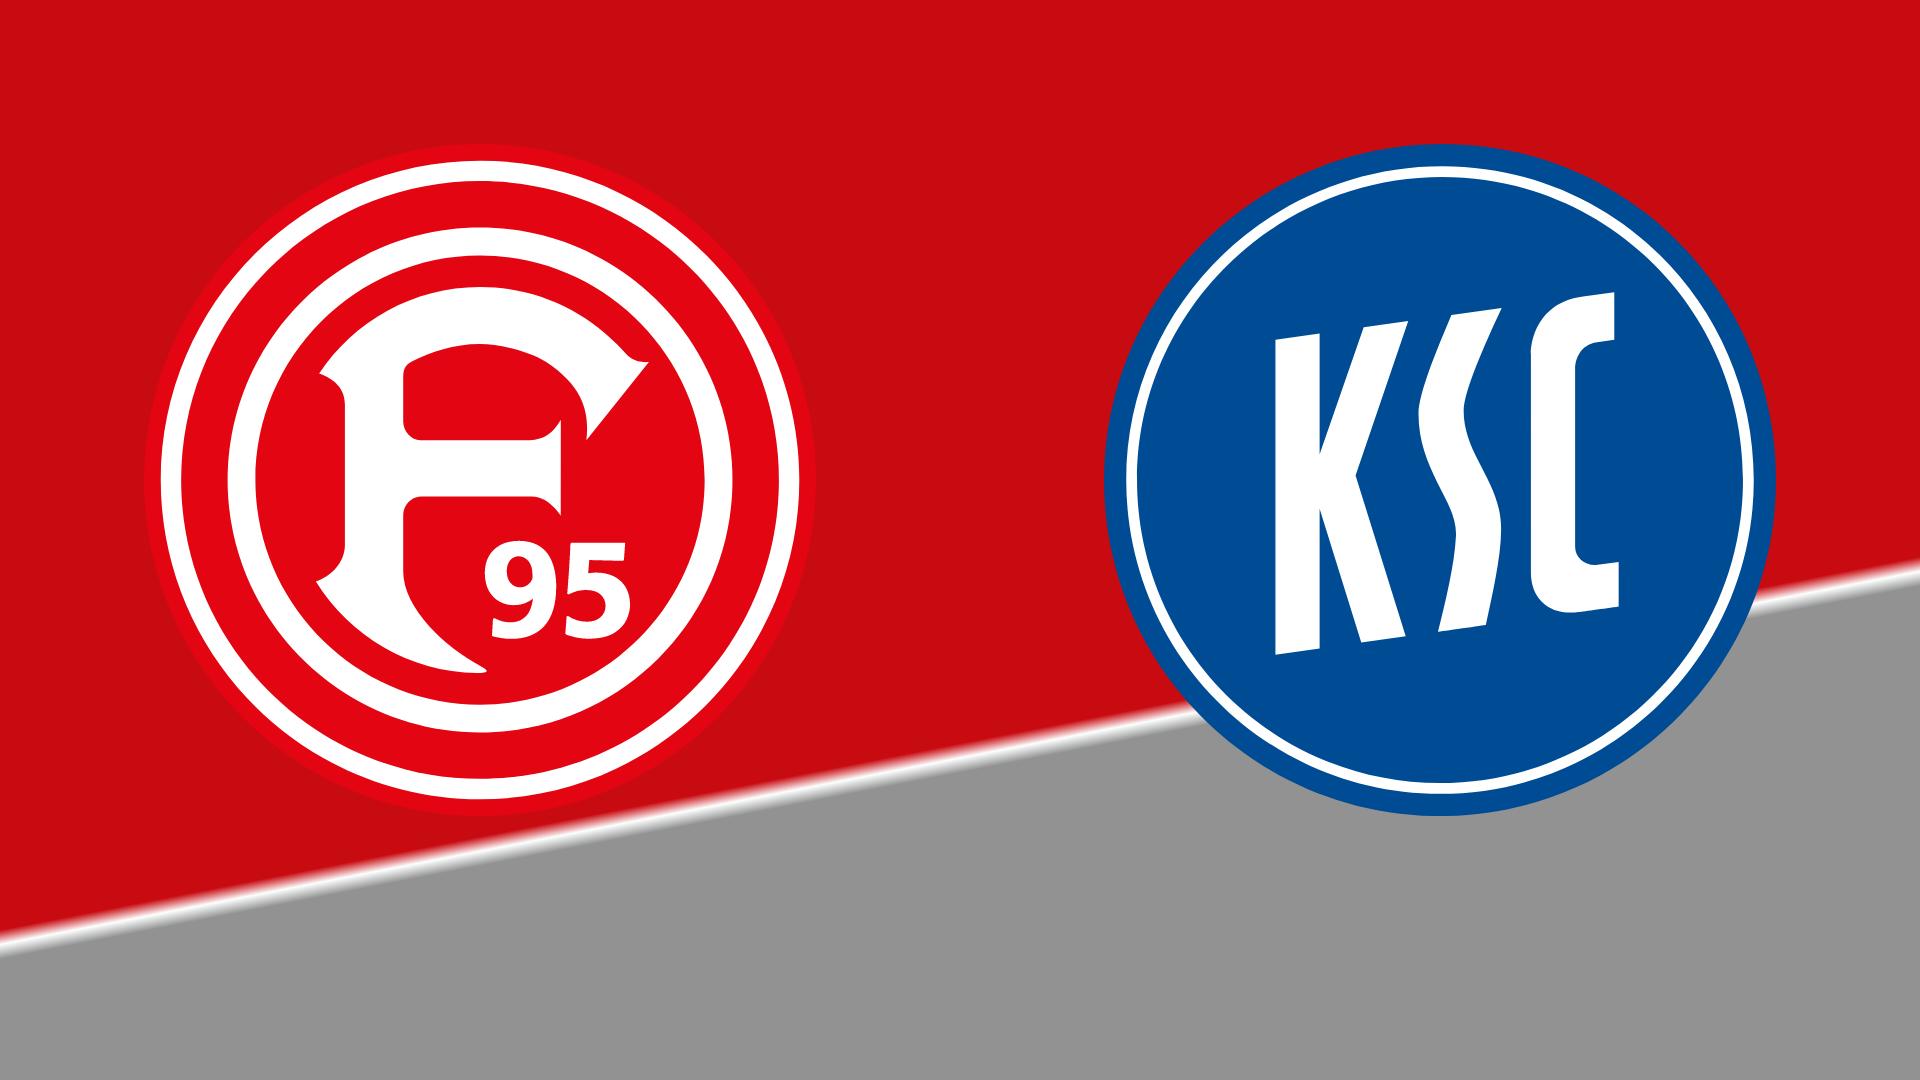 Live 2. BL: Fortuna Düsseldorf - Karlsruher SC, 11. Spieltag 23.10.2021 um 13:00 Uhr auf Sky Ticket